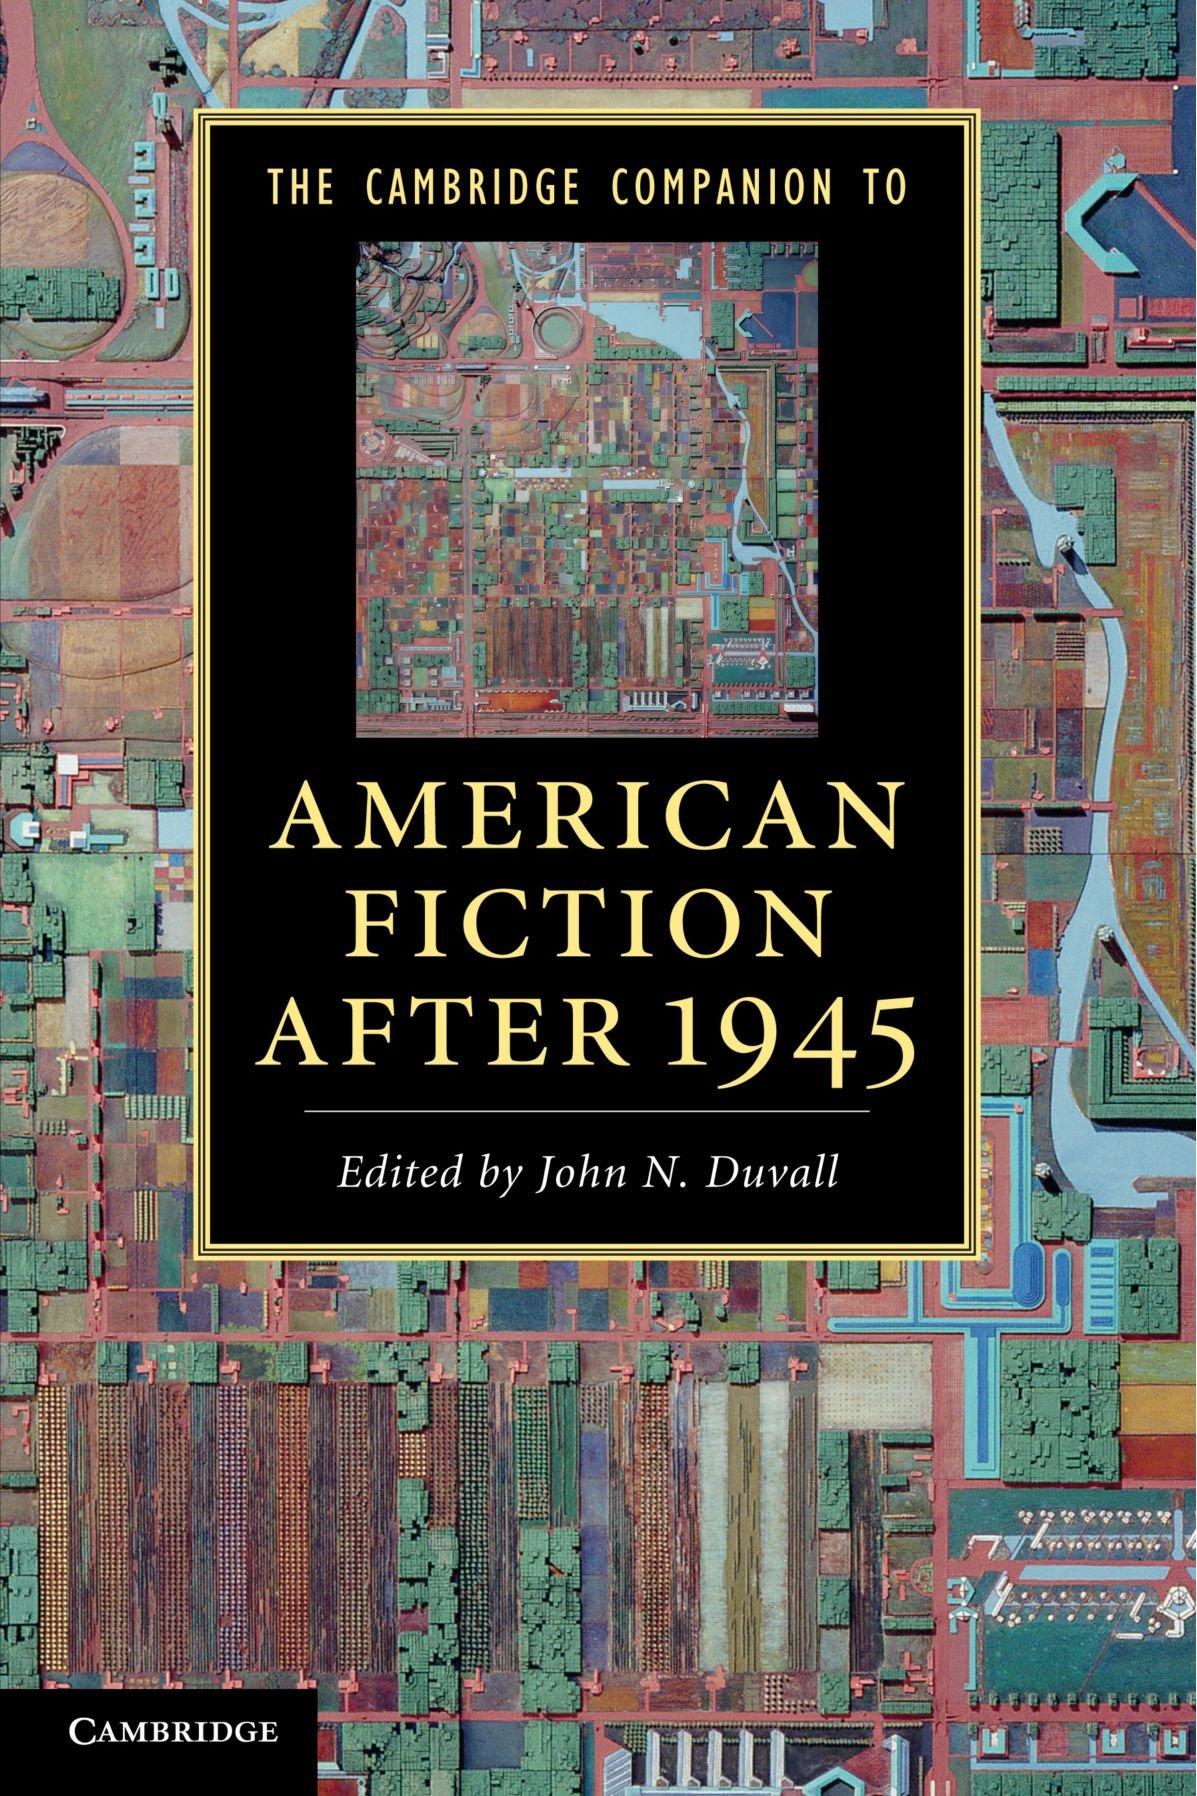 Download The Cambridge Companion to American Fiction after 1945 (Cambridge Companions to Literature) ebook